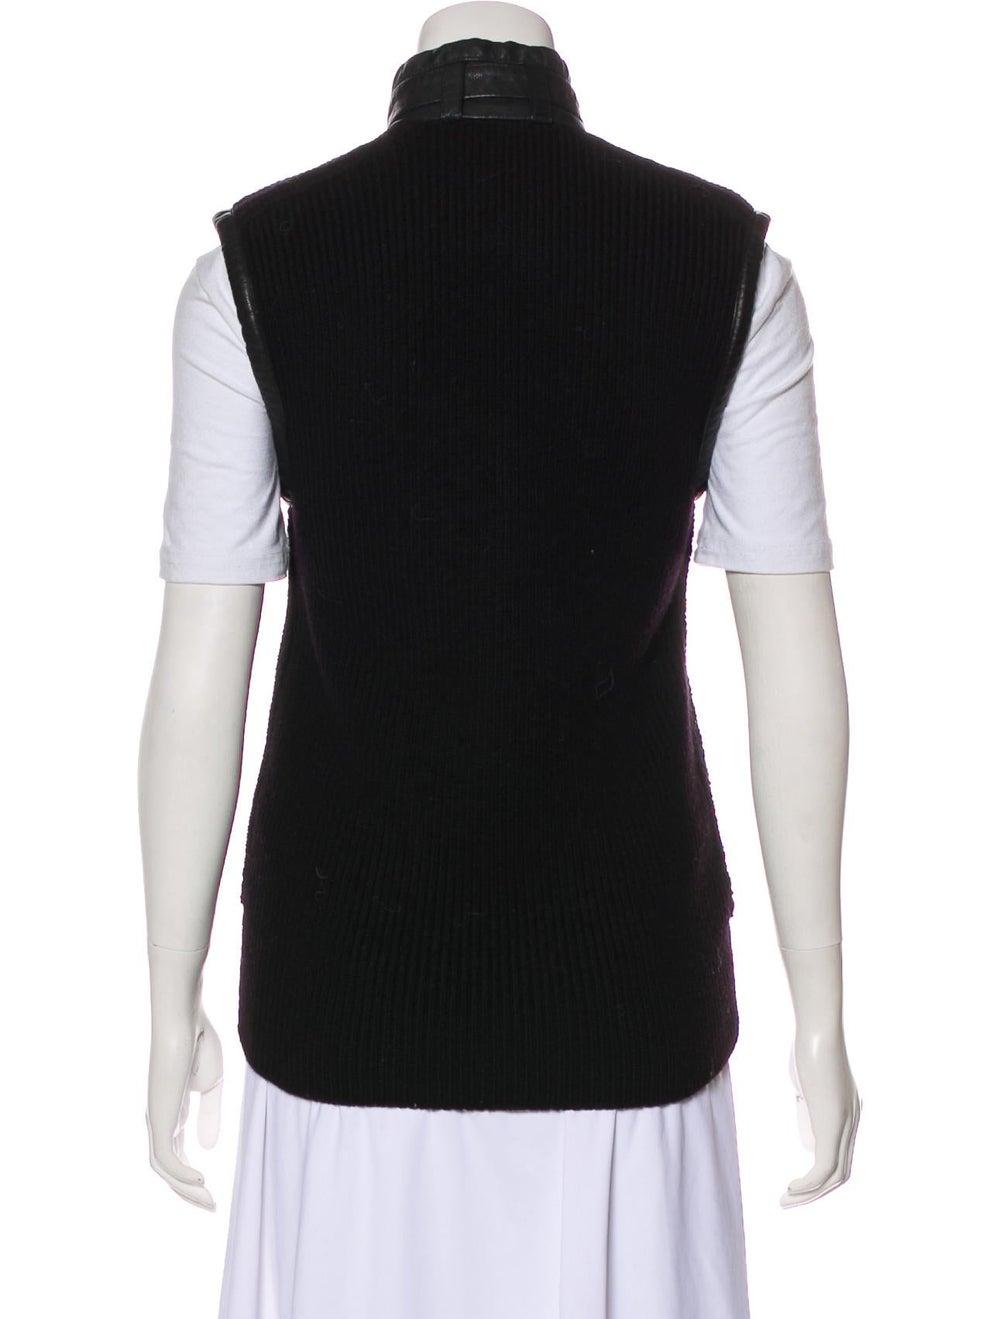 Belstaff Leather-Trimmed Wool Vest Black - image 3